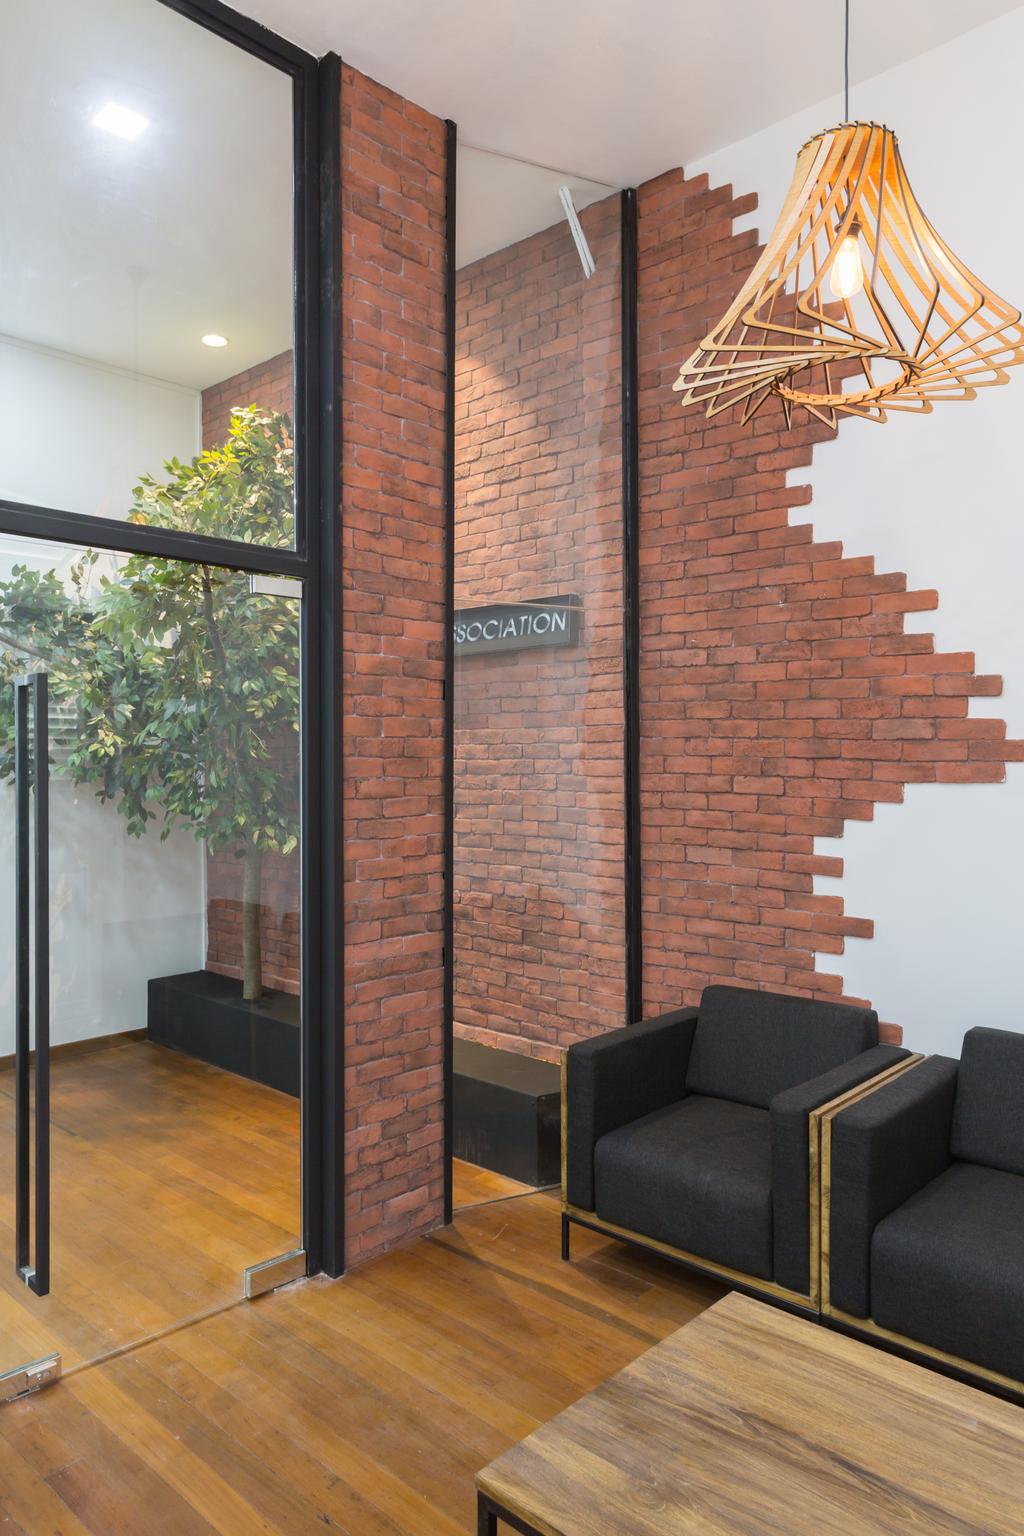 Korea Association, Commercial, Interior Designer, Baum Project Pte Ltd, Contemporary